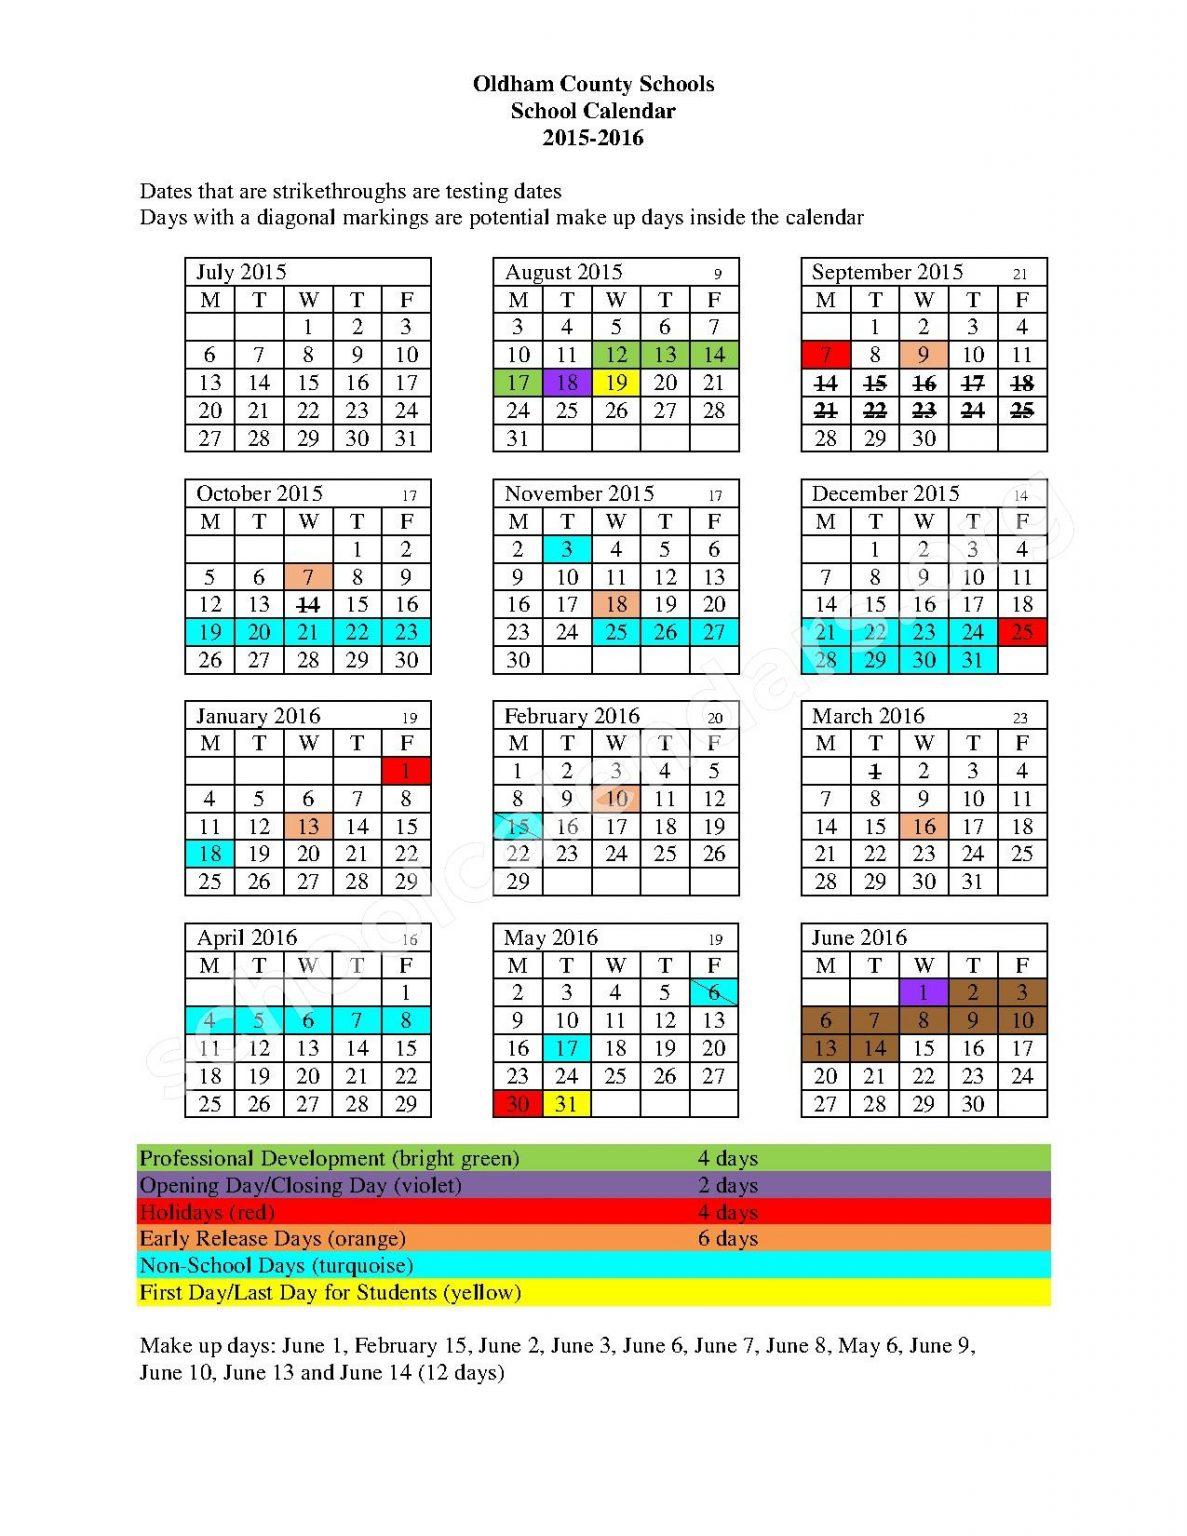 Aiken High School Sc Calendar For 2015 | Printable throughout Aiken County School Schedule